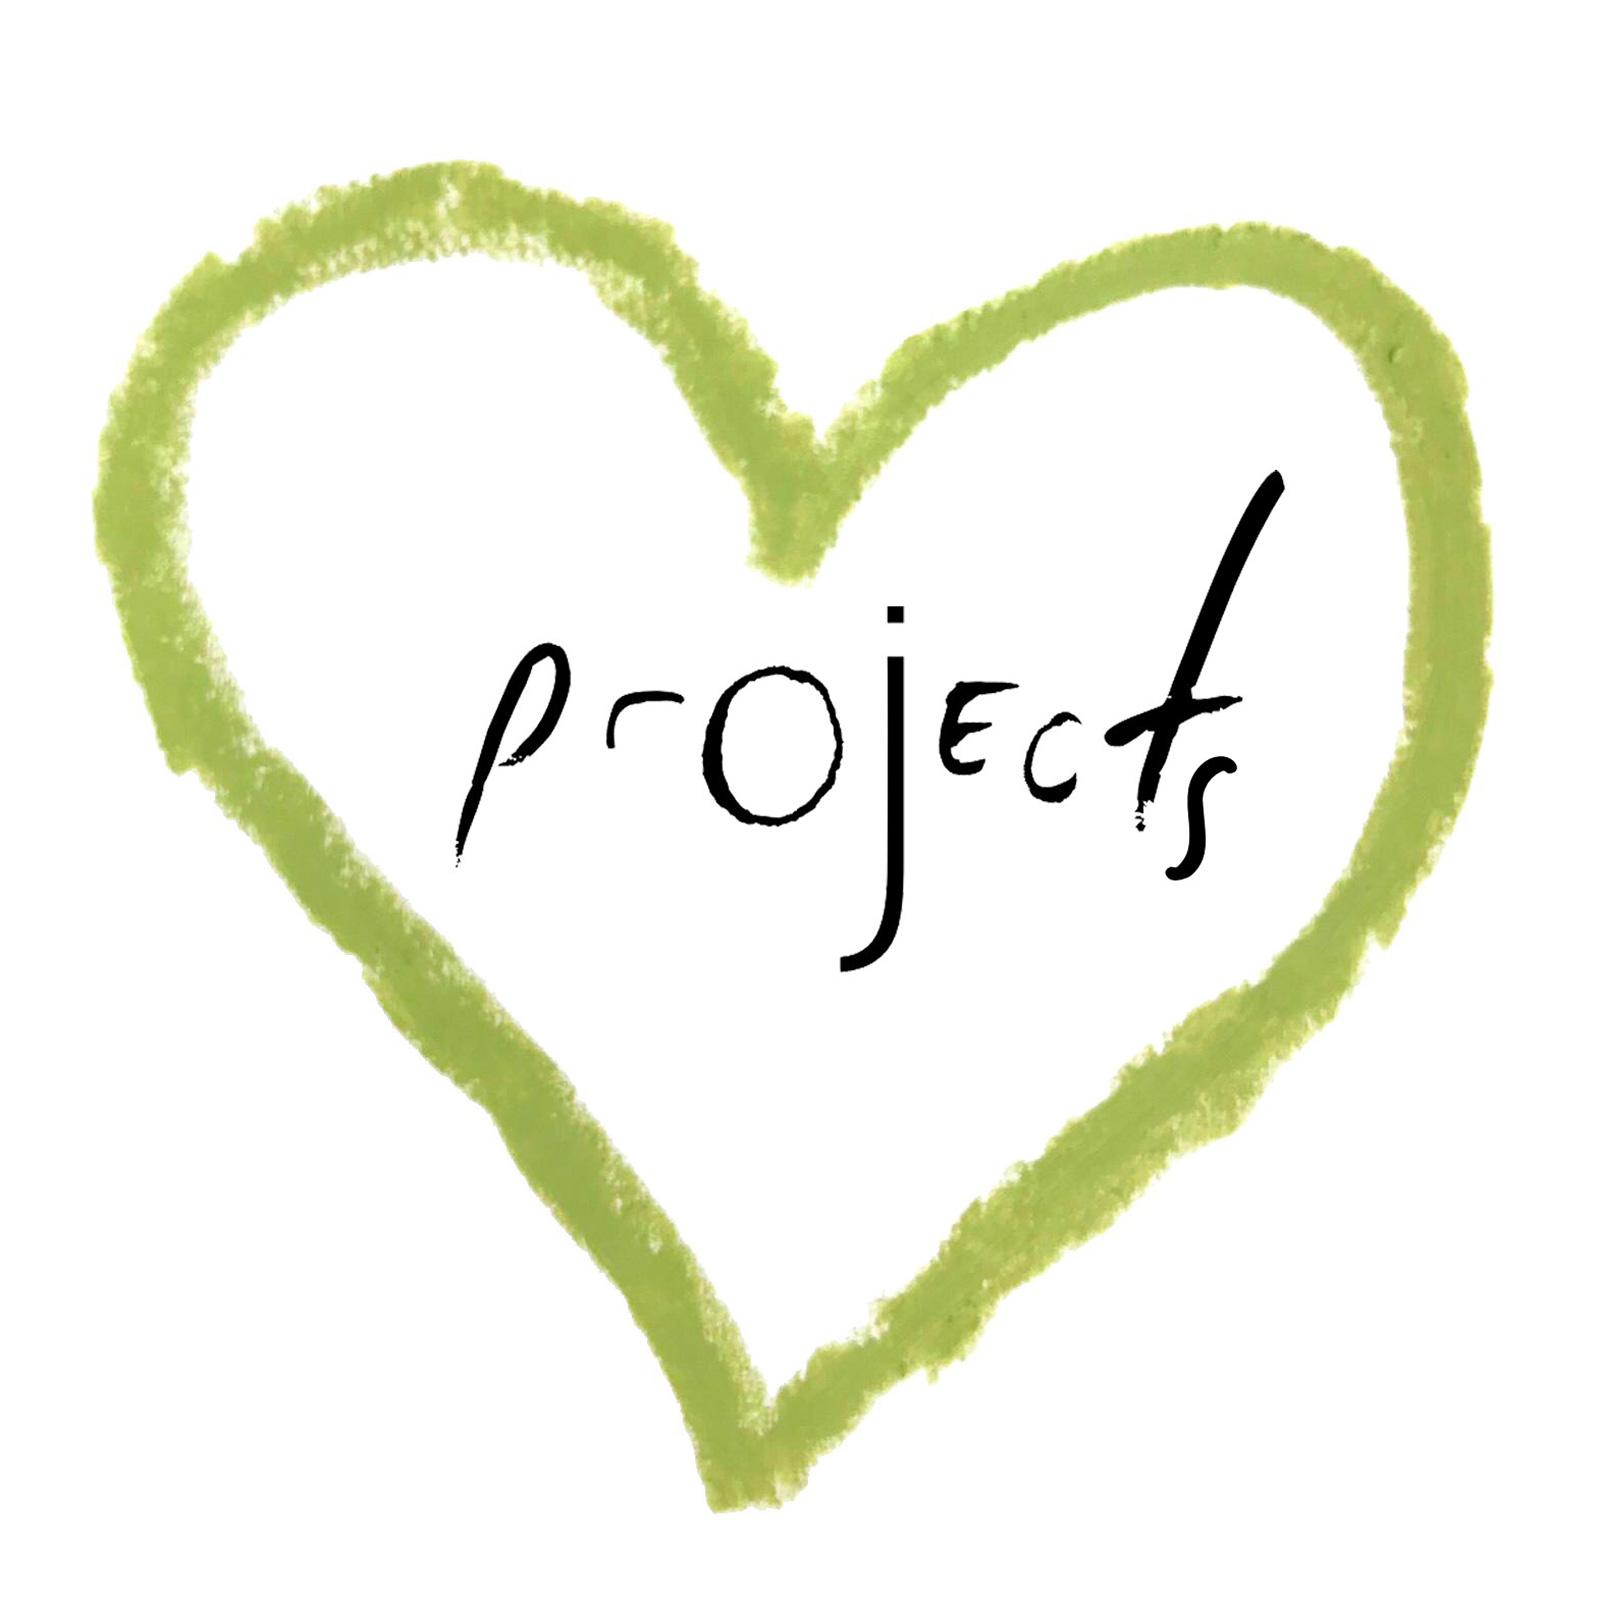 Els Projectes de Fina Veciana